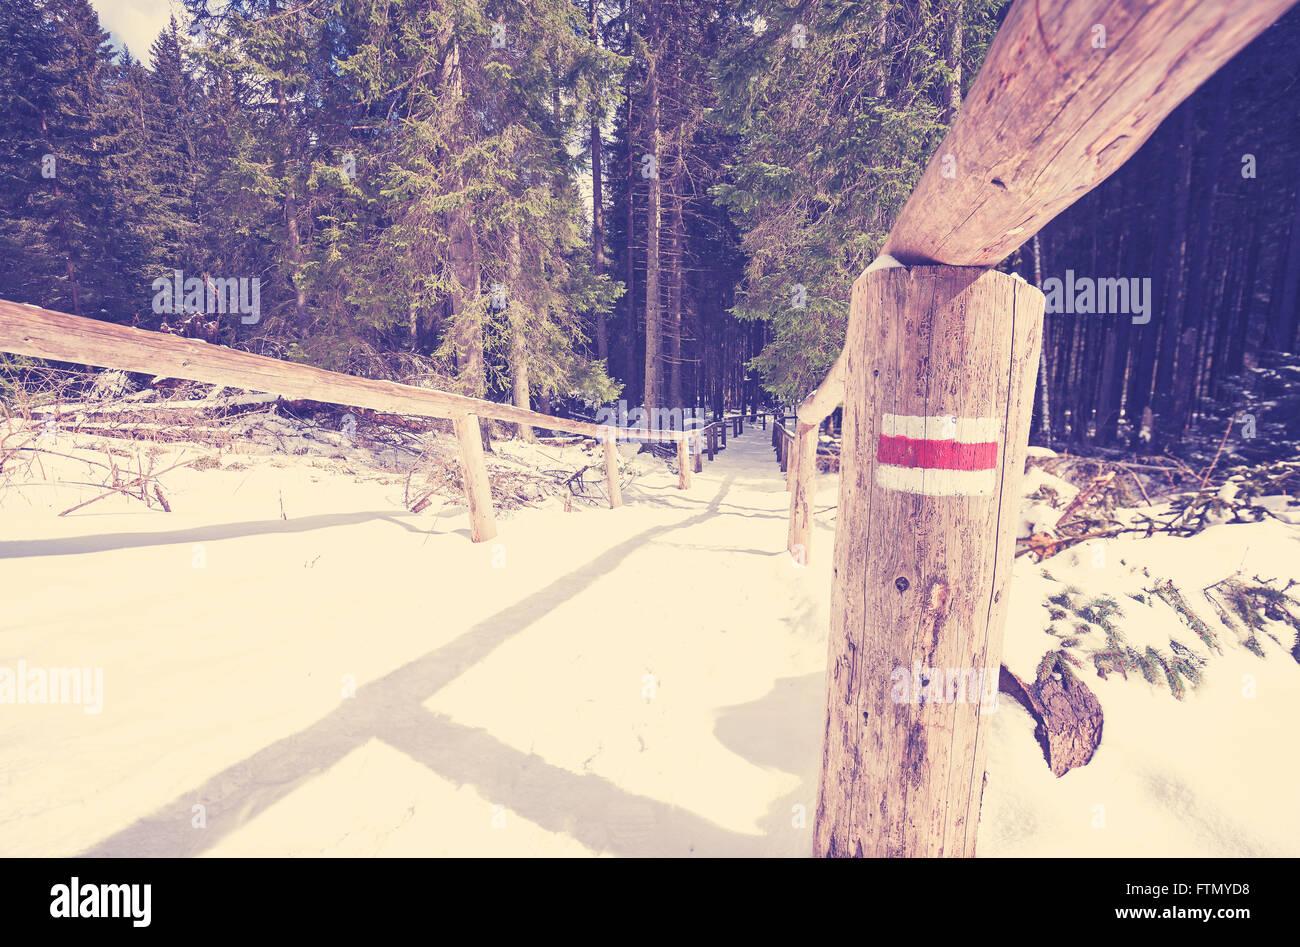 Sentier de tons Vintage signe peint sur la perche, l'hiver dans les montagnes Tatras, en Pologne. Photo Stock